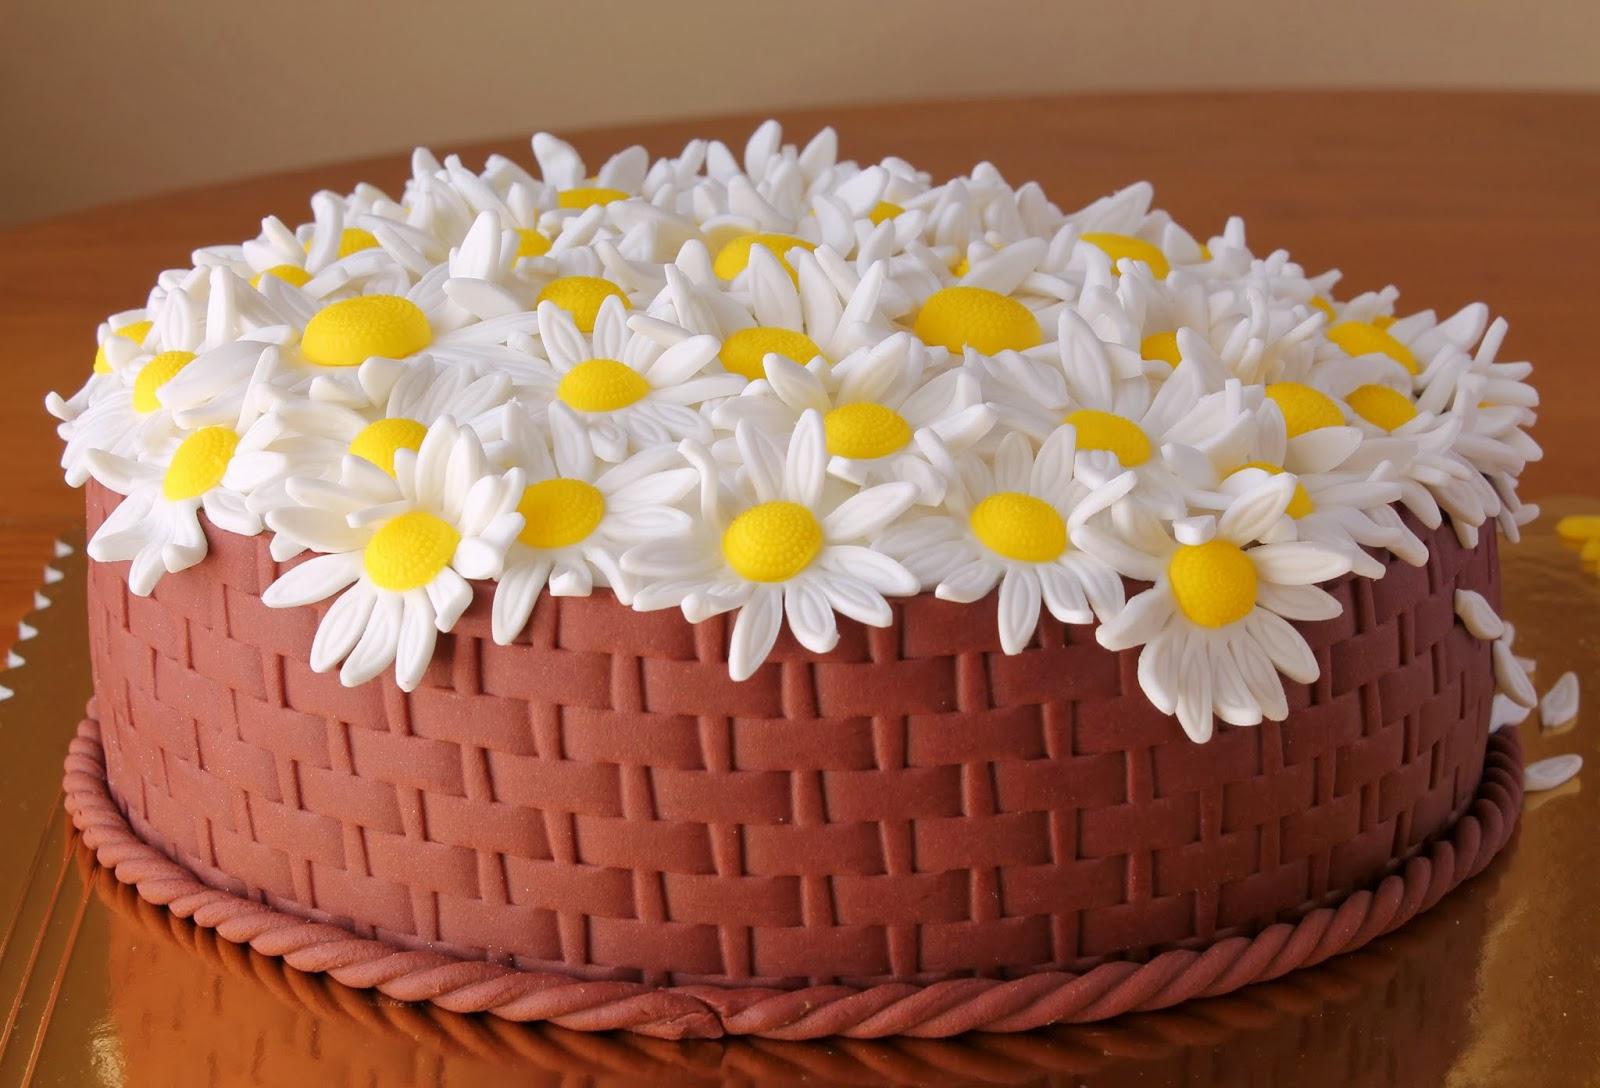 Flores De Aniversario: Bolos Da Tia: Bolo Aniversario Flores